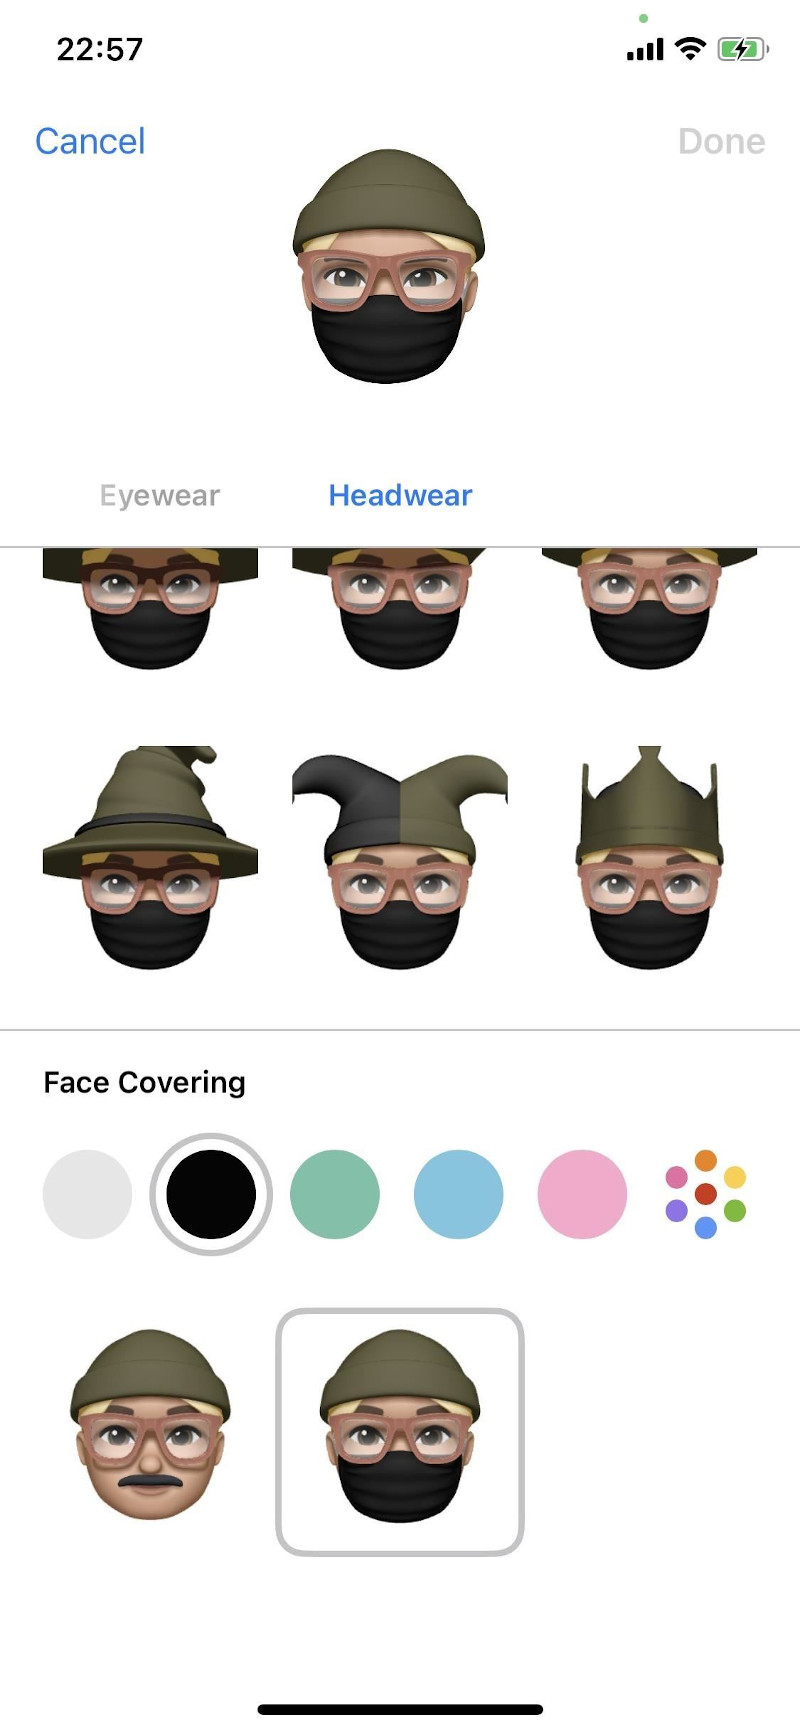 Αλλάξτε το avatar Φορέστε του και μάσκα